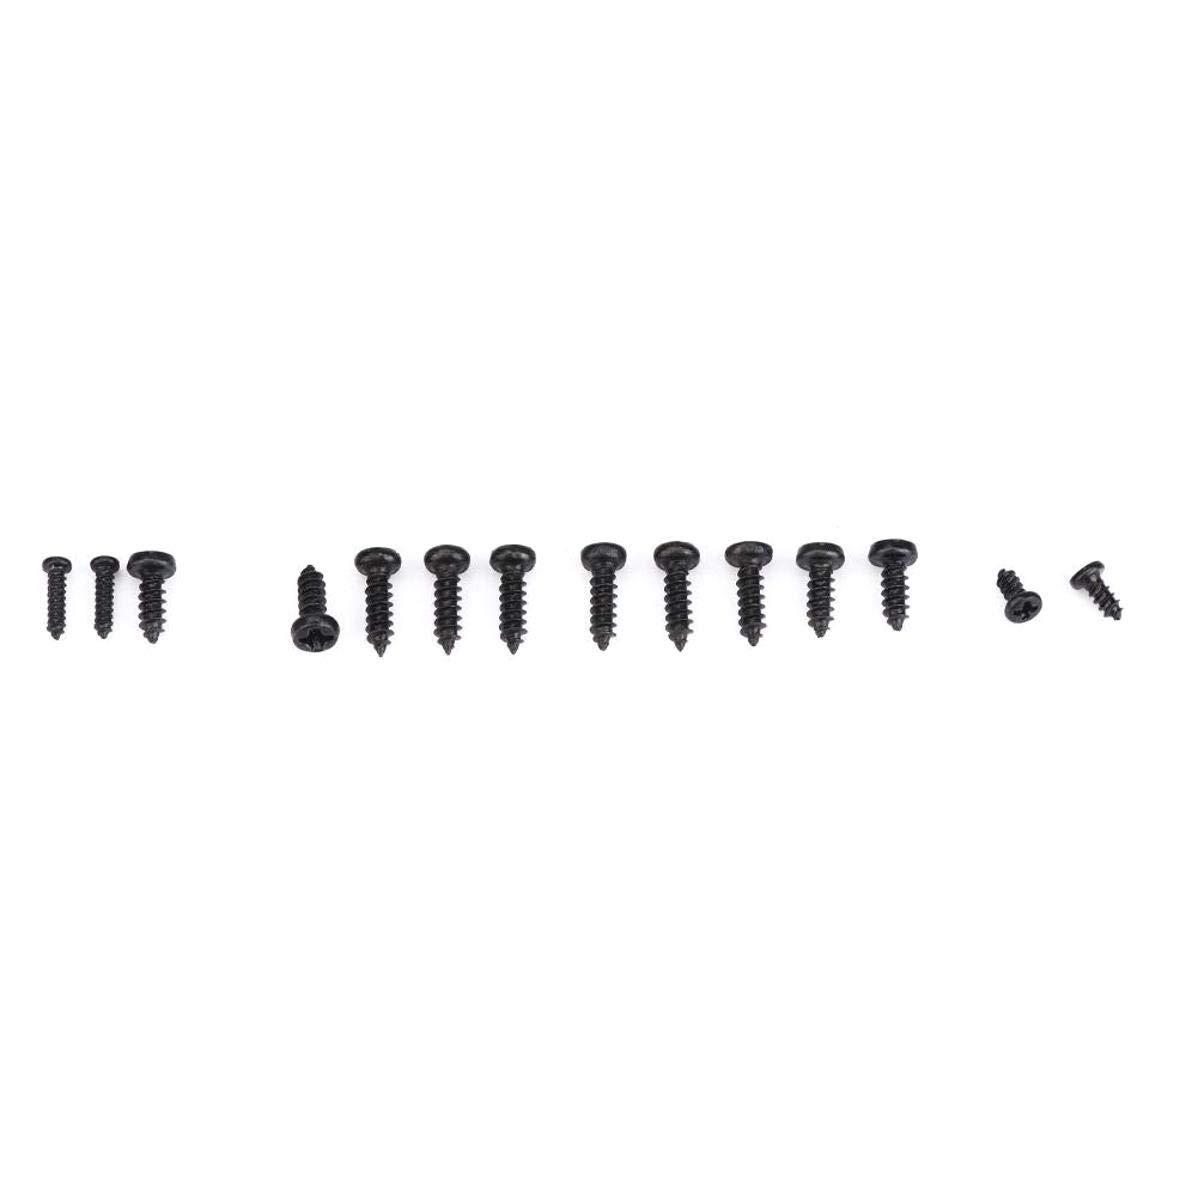 1000pcs Tornillos peque/ños Kit de Surtido de Tornillos autorroscantes de Cabeza Cruzada KOKO Zhu M1 M1.2 M1.4 Tornillo autorroscante M1.7